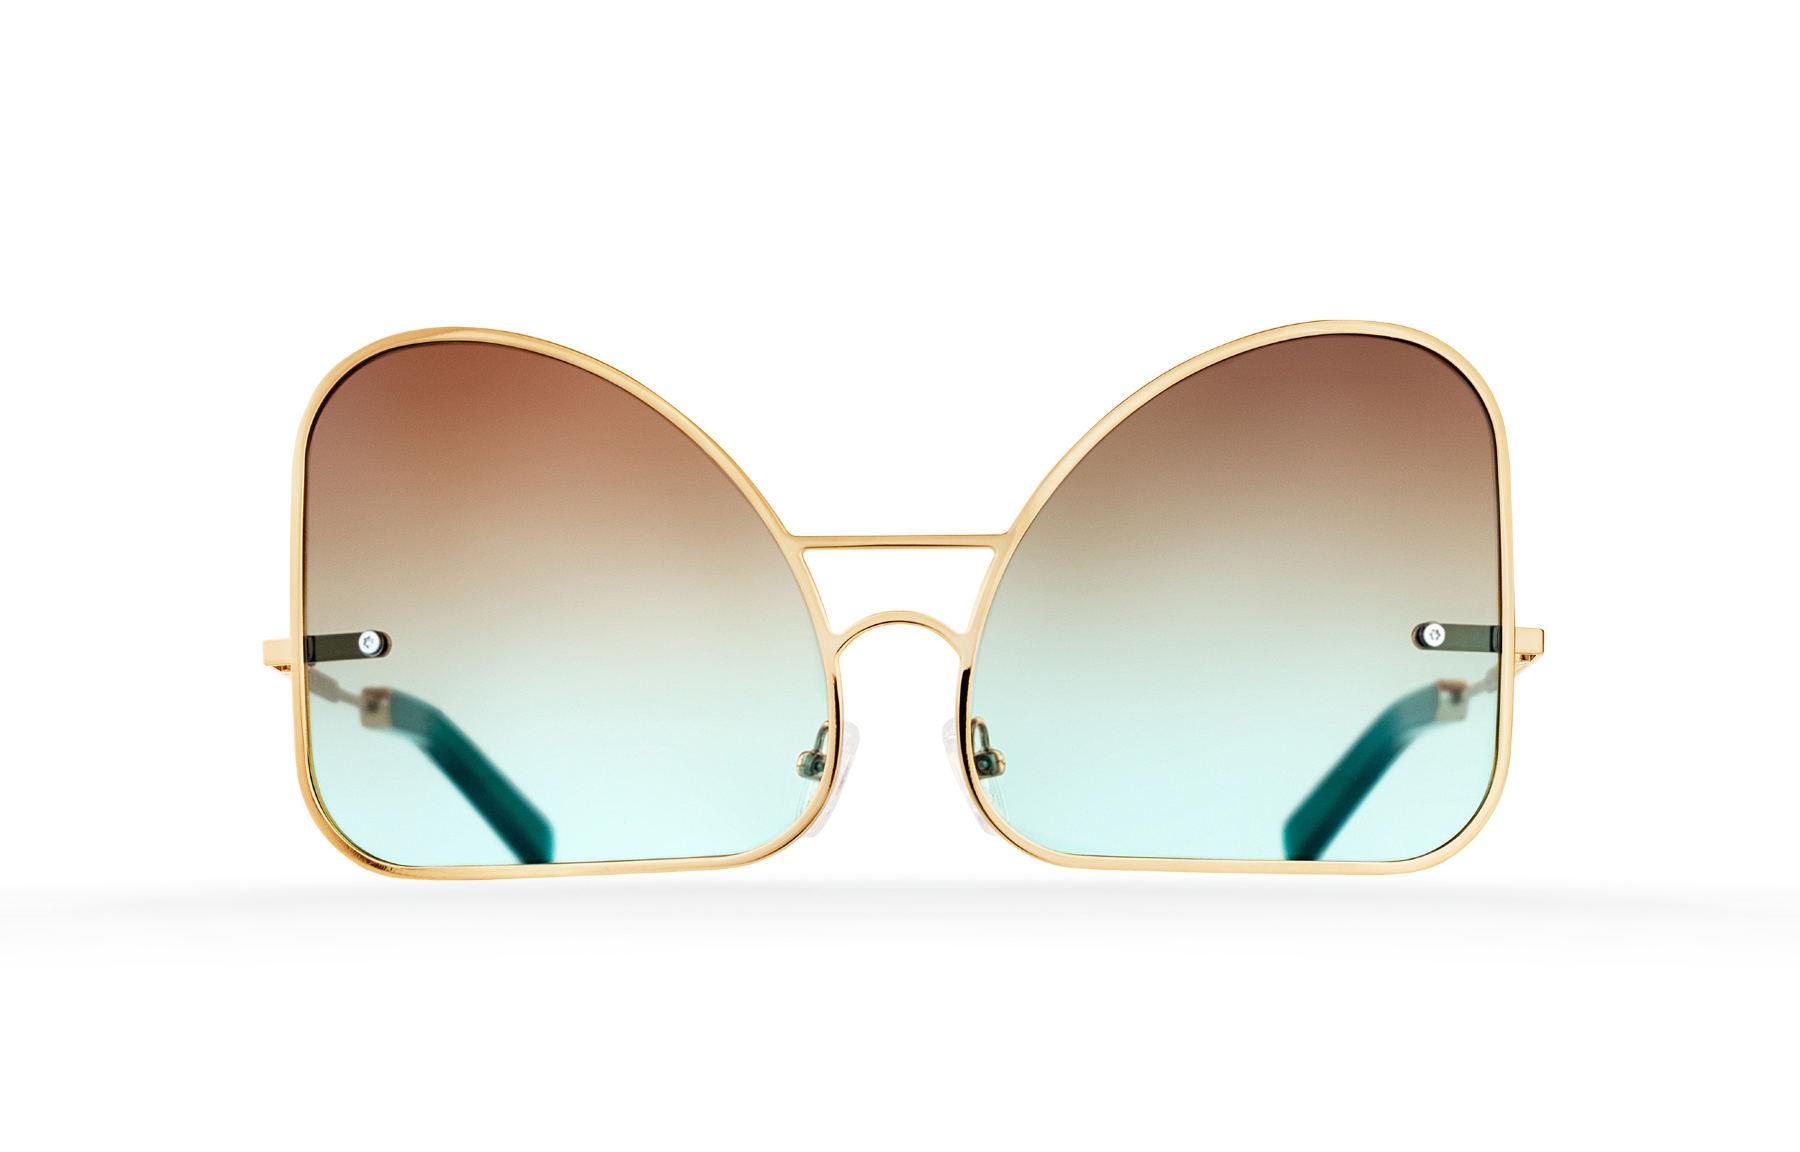 FAKBYFAK  Inverted mint chocolate gradient lenses aviator Model 2. Golden metal frame Code: 07/02/01